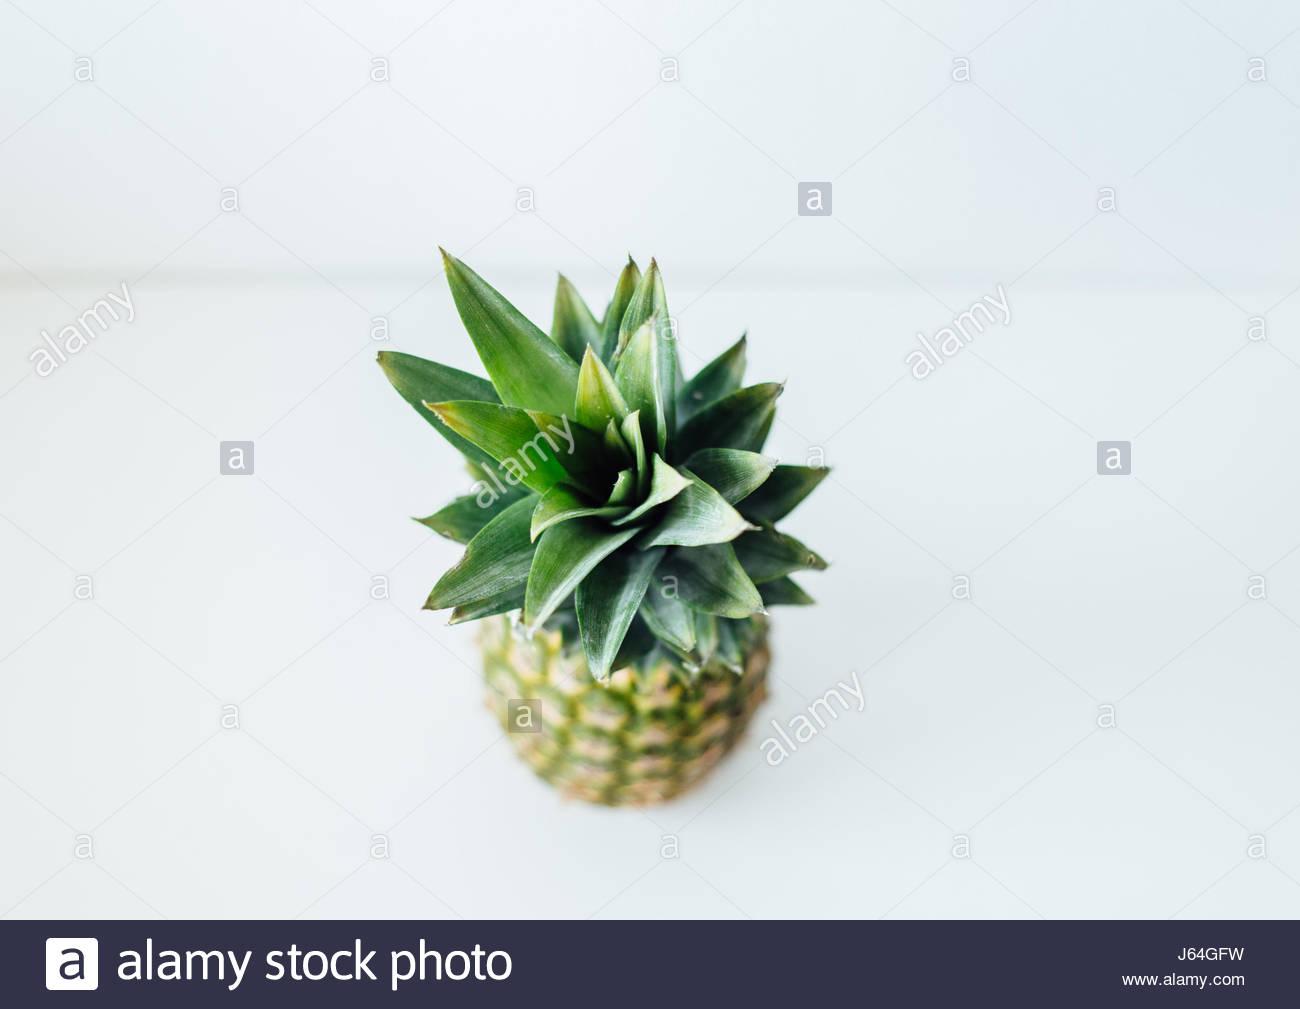 Fruits ananas studio shot, high angle view Photo Stock